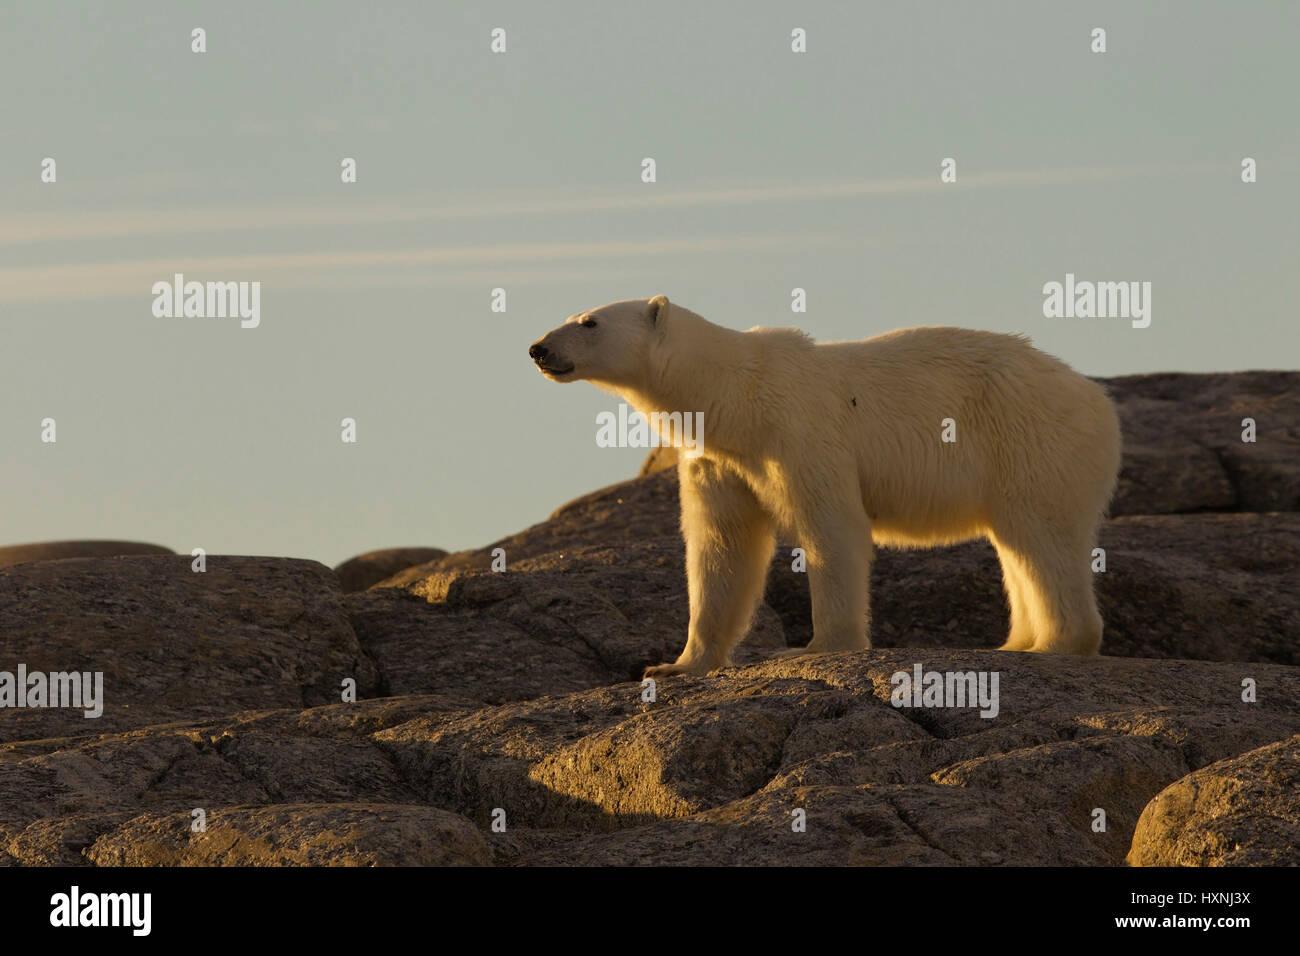 Polar bear stands on rocks and picks up the scent, Eisbär steht auf Felsen und nimmt Witterung auf - Stock Image